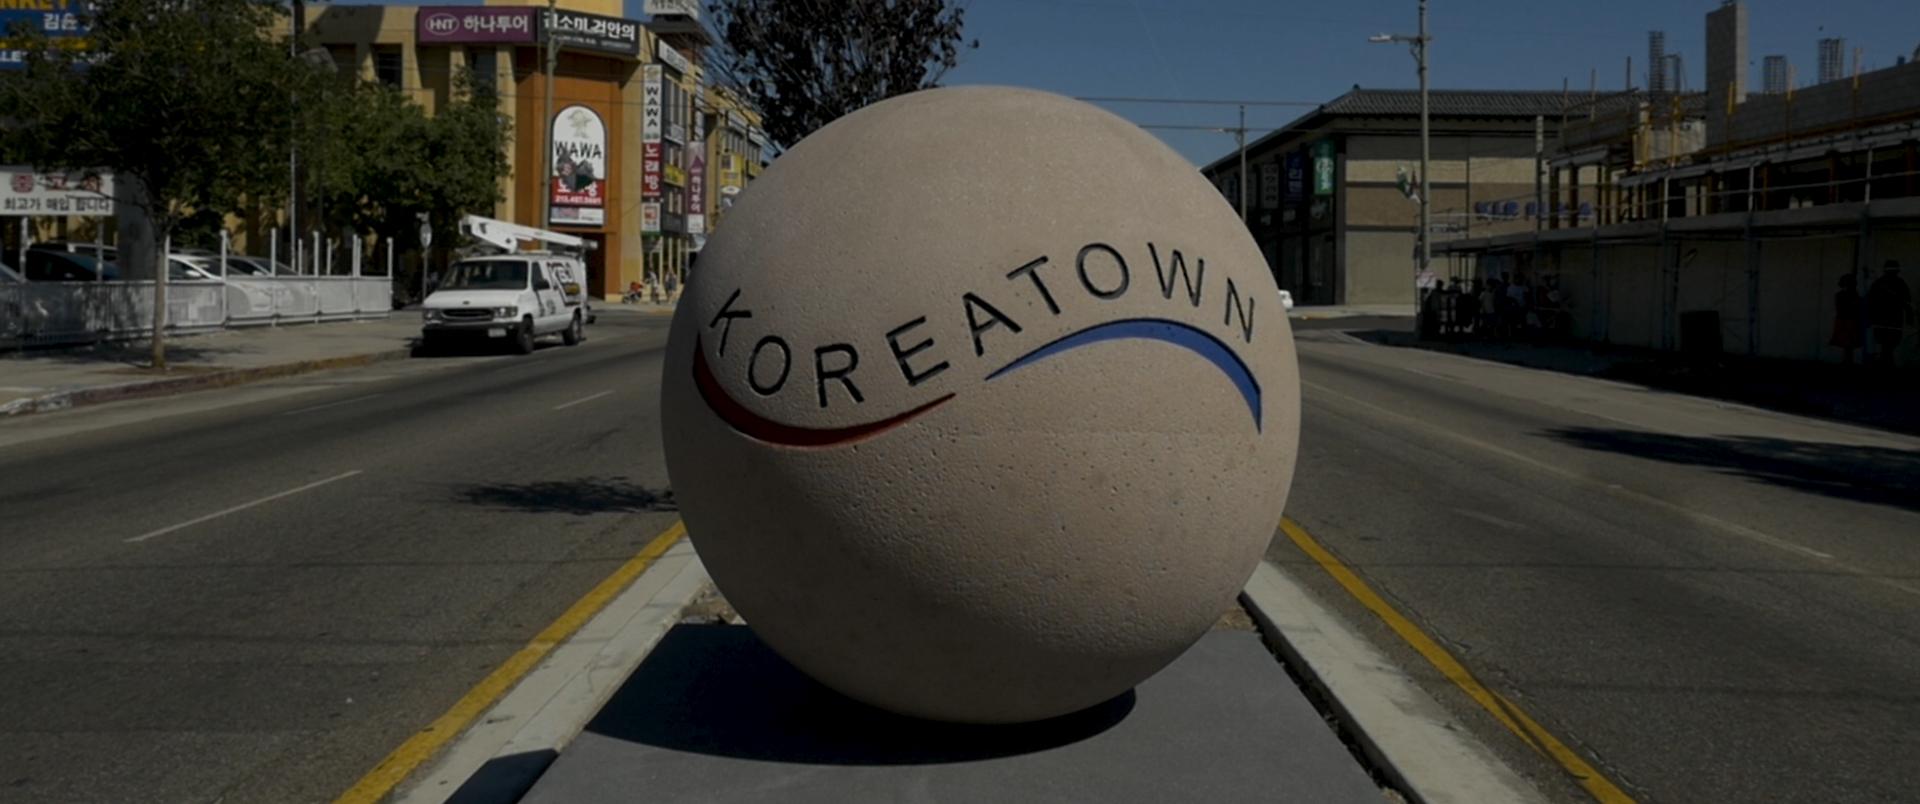 k town still 8.jpg